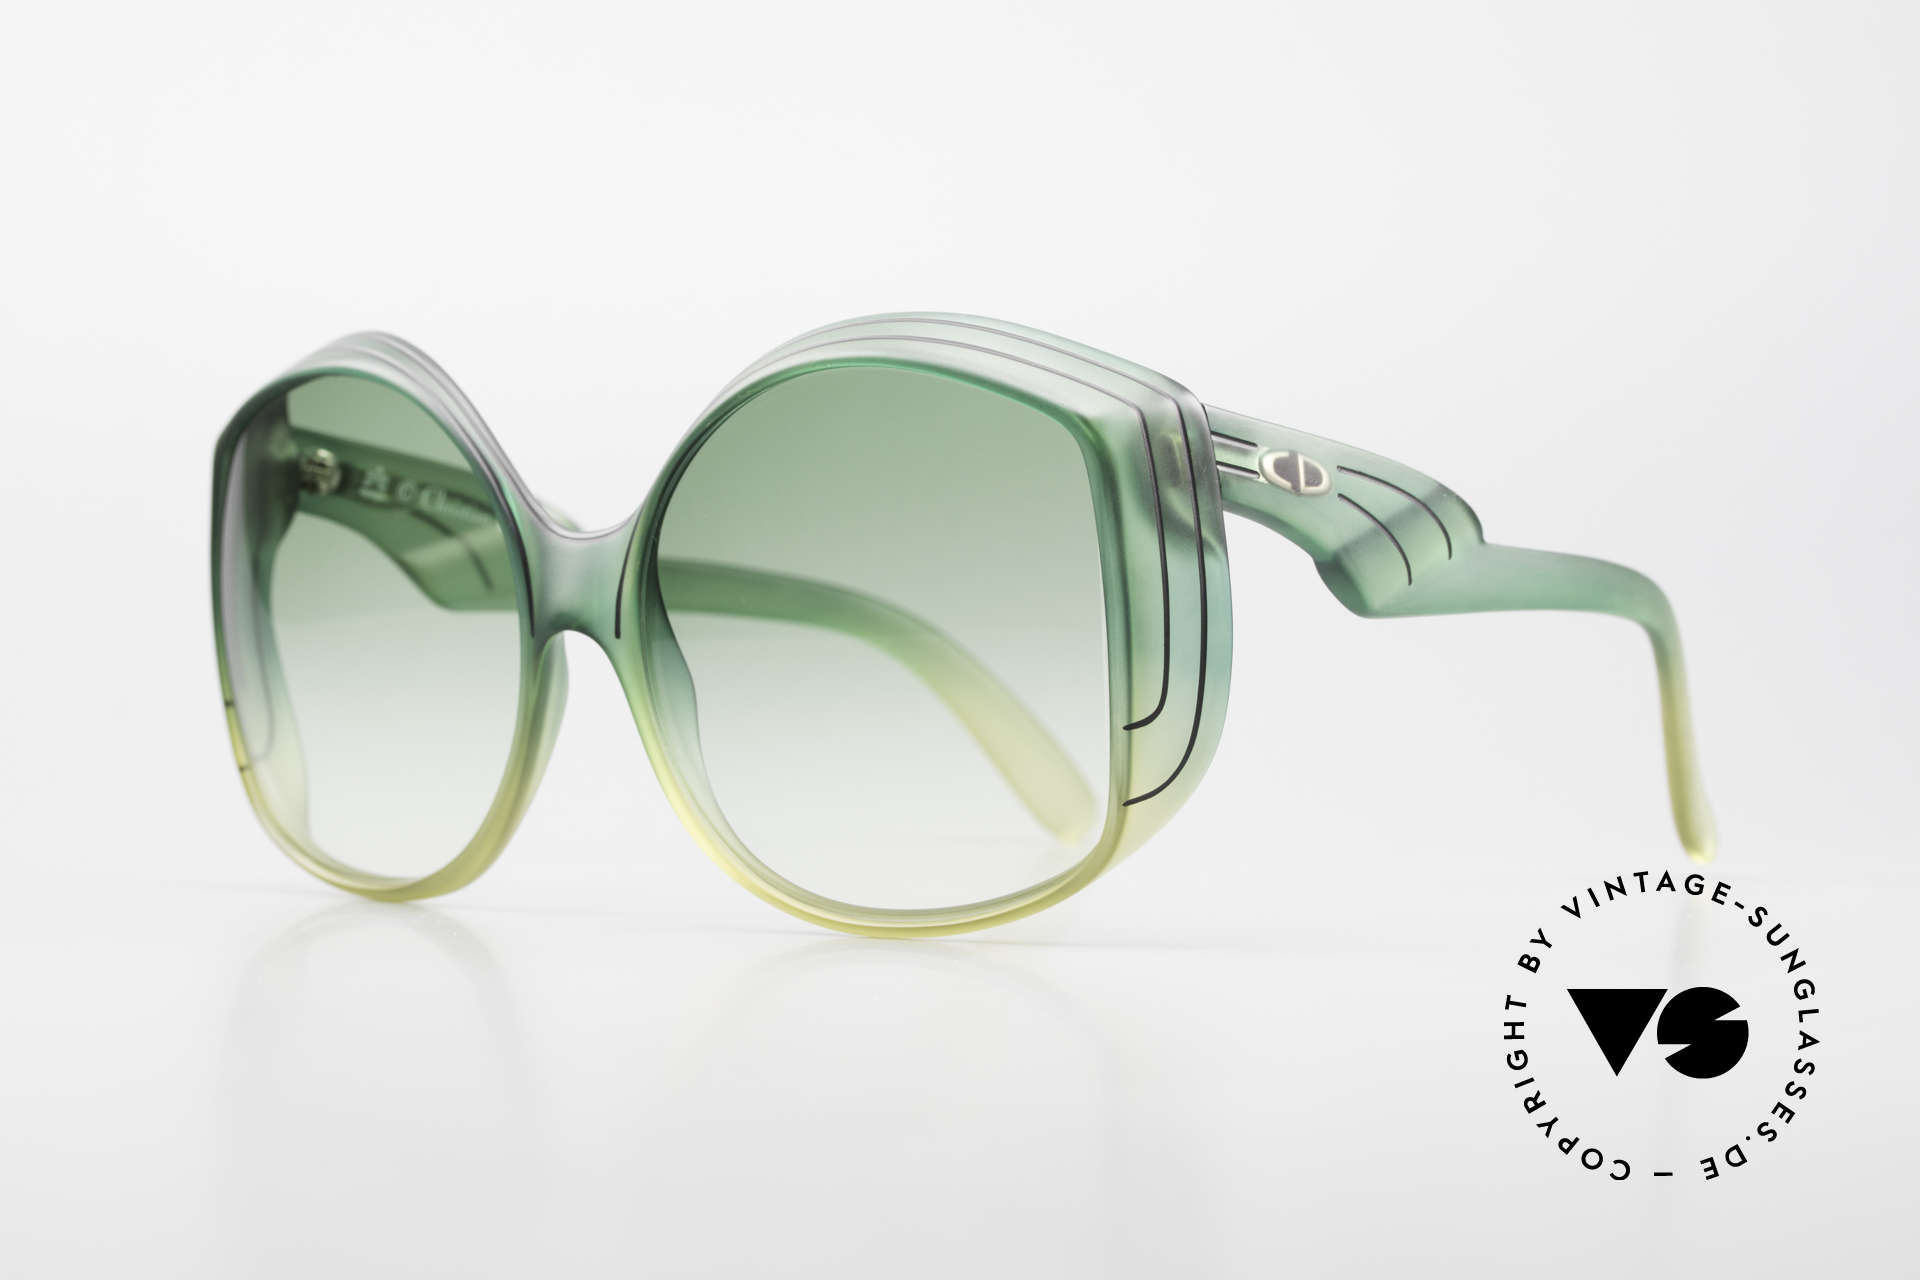 Christian Dior 2041 XXL 70er Damen Sonnenbrille, eine wahre Rarität und inzwischen ein Sammlerstück, Passend für Damen